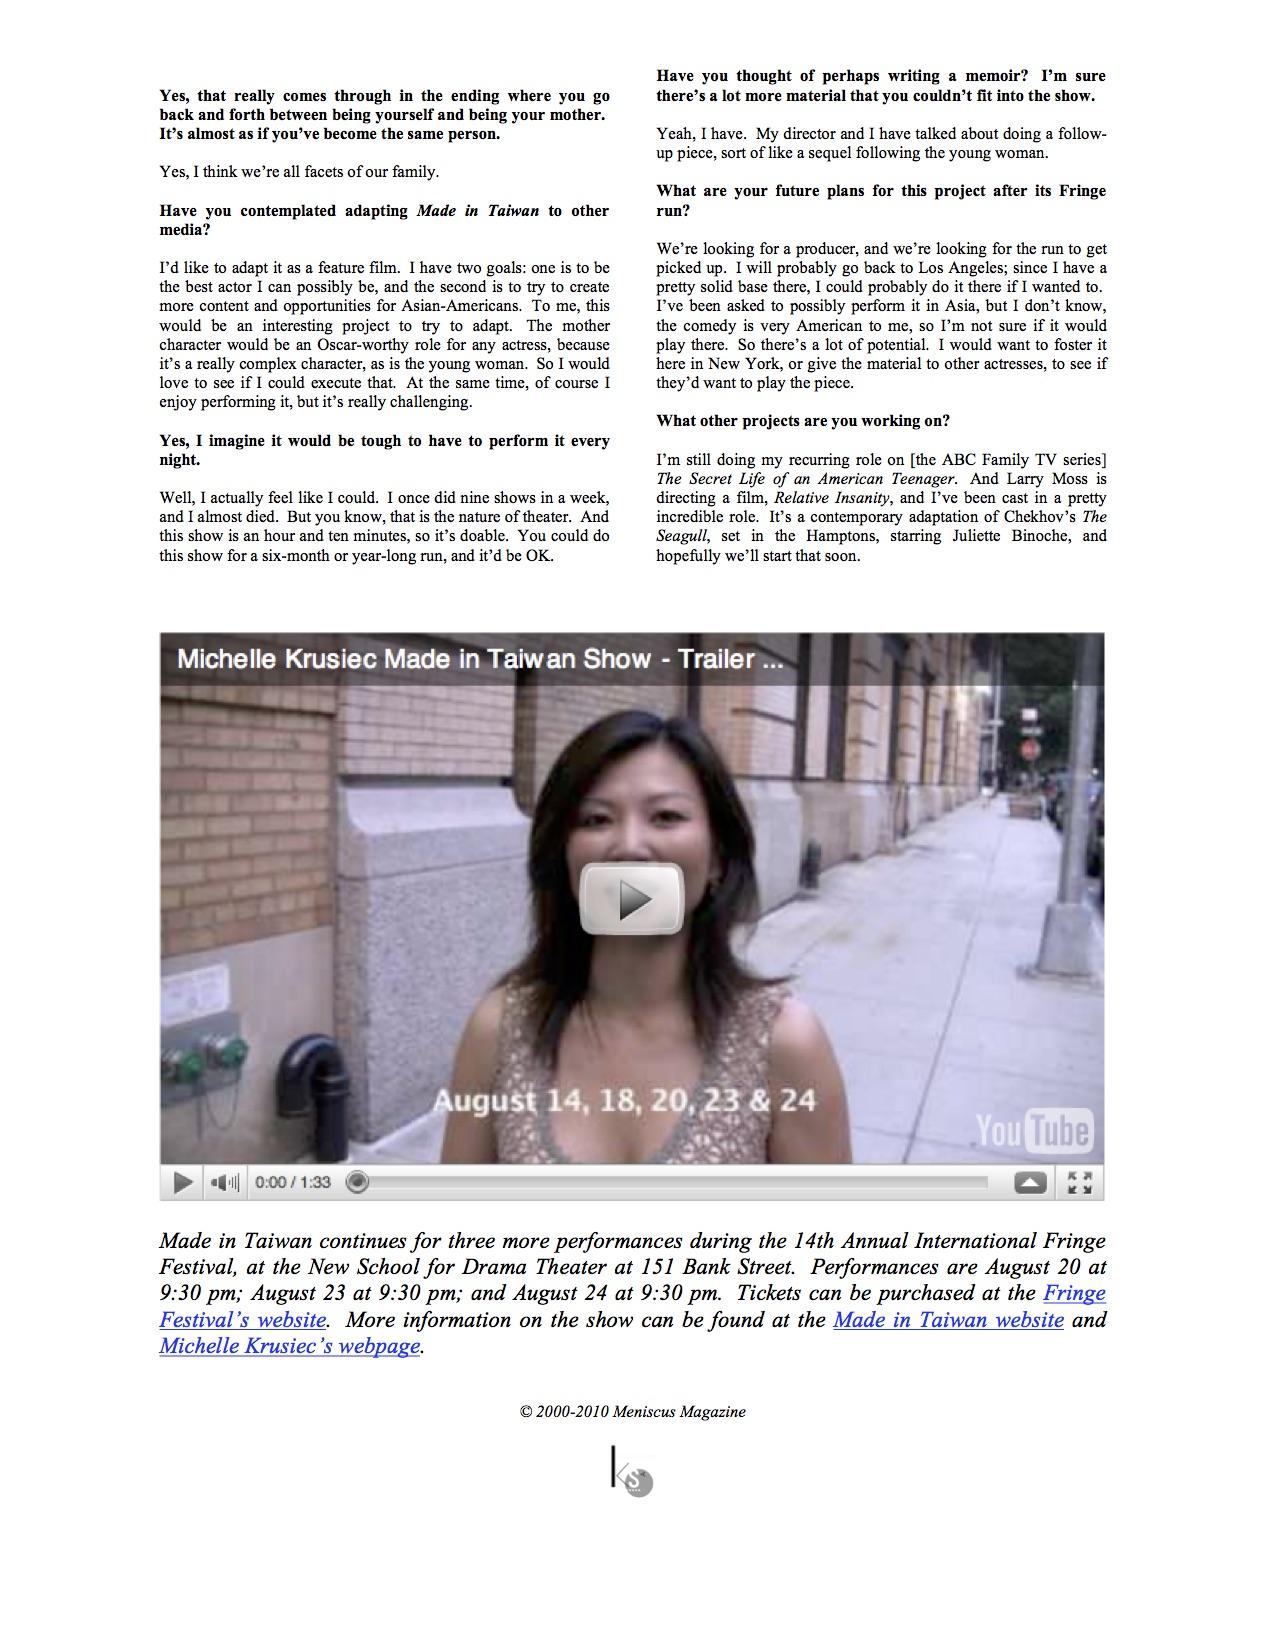 MENISCUS MAGAZINE 8-18-10-page03